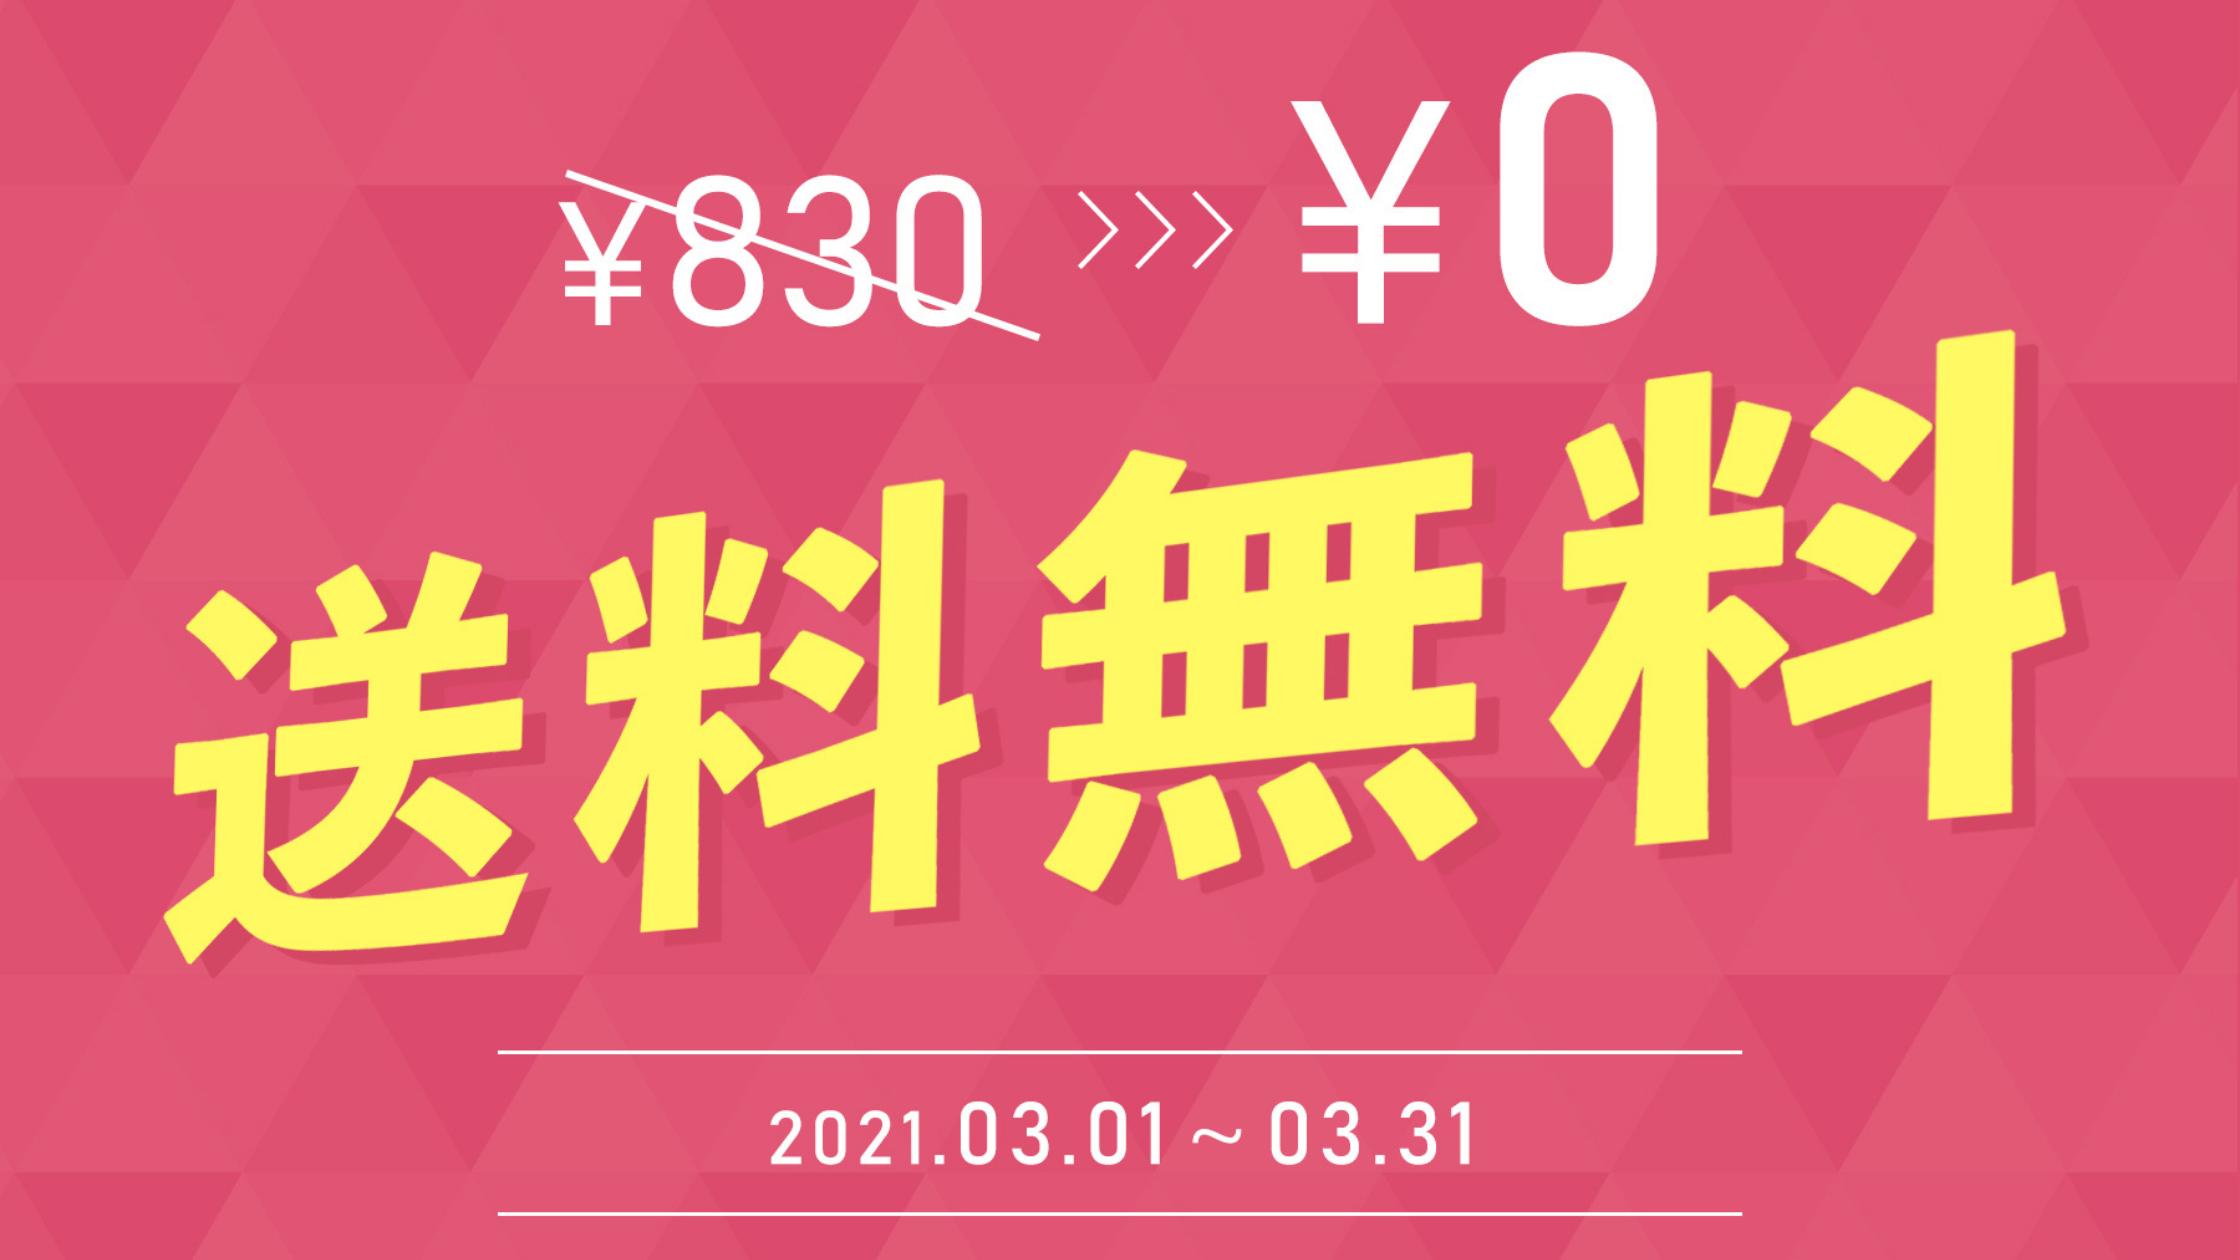 【NEWS】3月のみ!全品送料無料キャンペーン中!